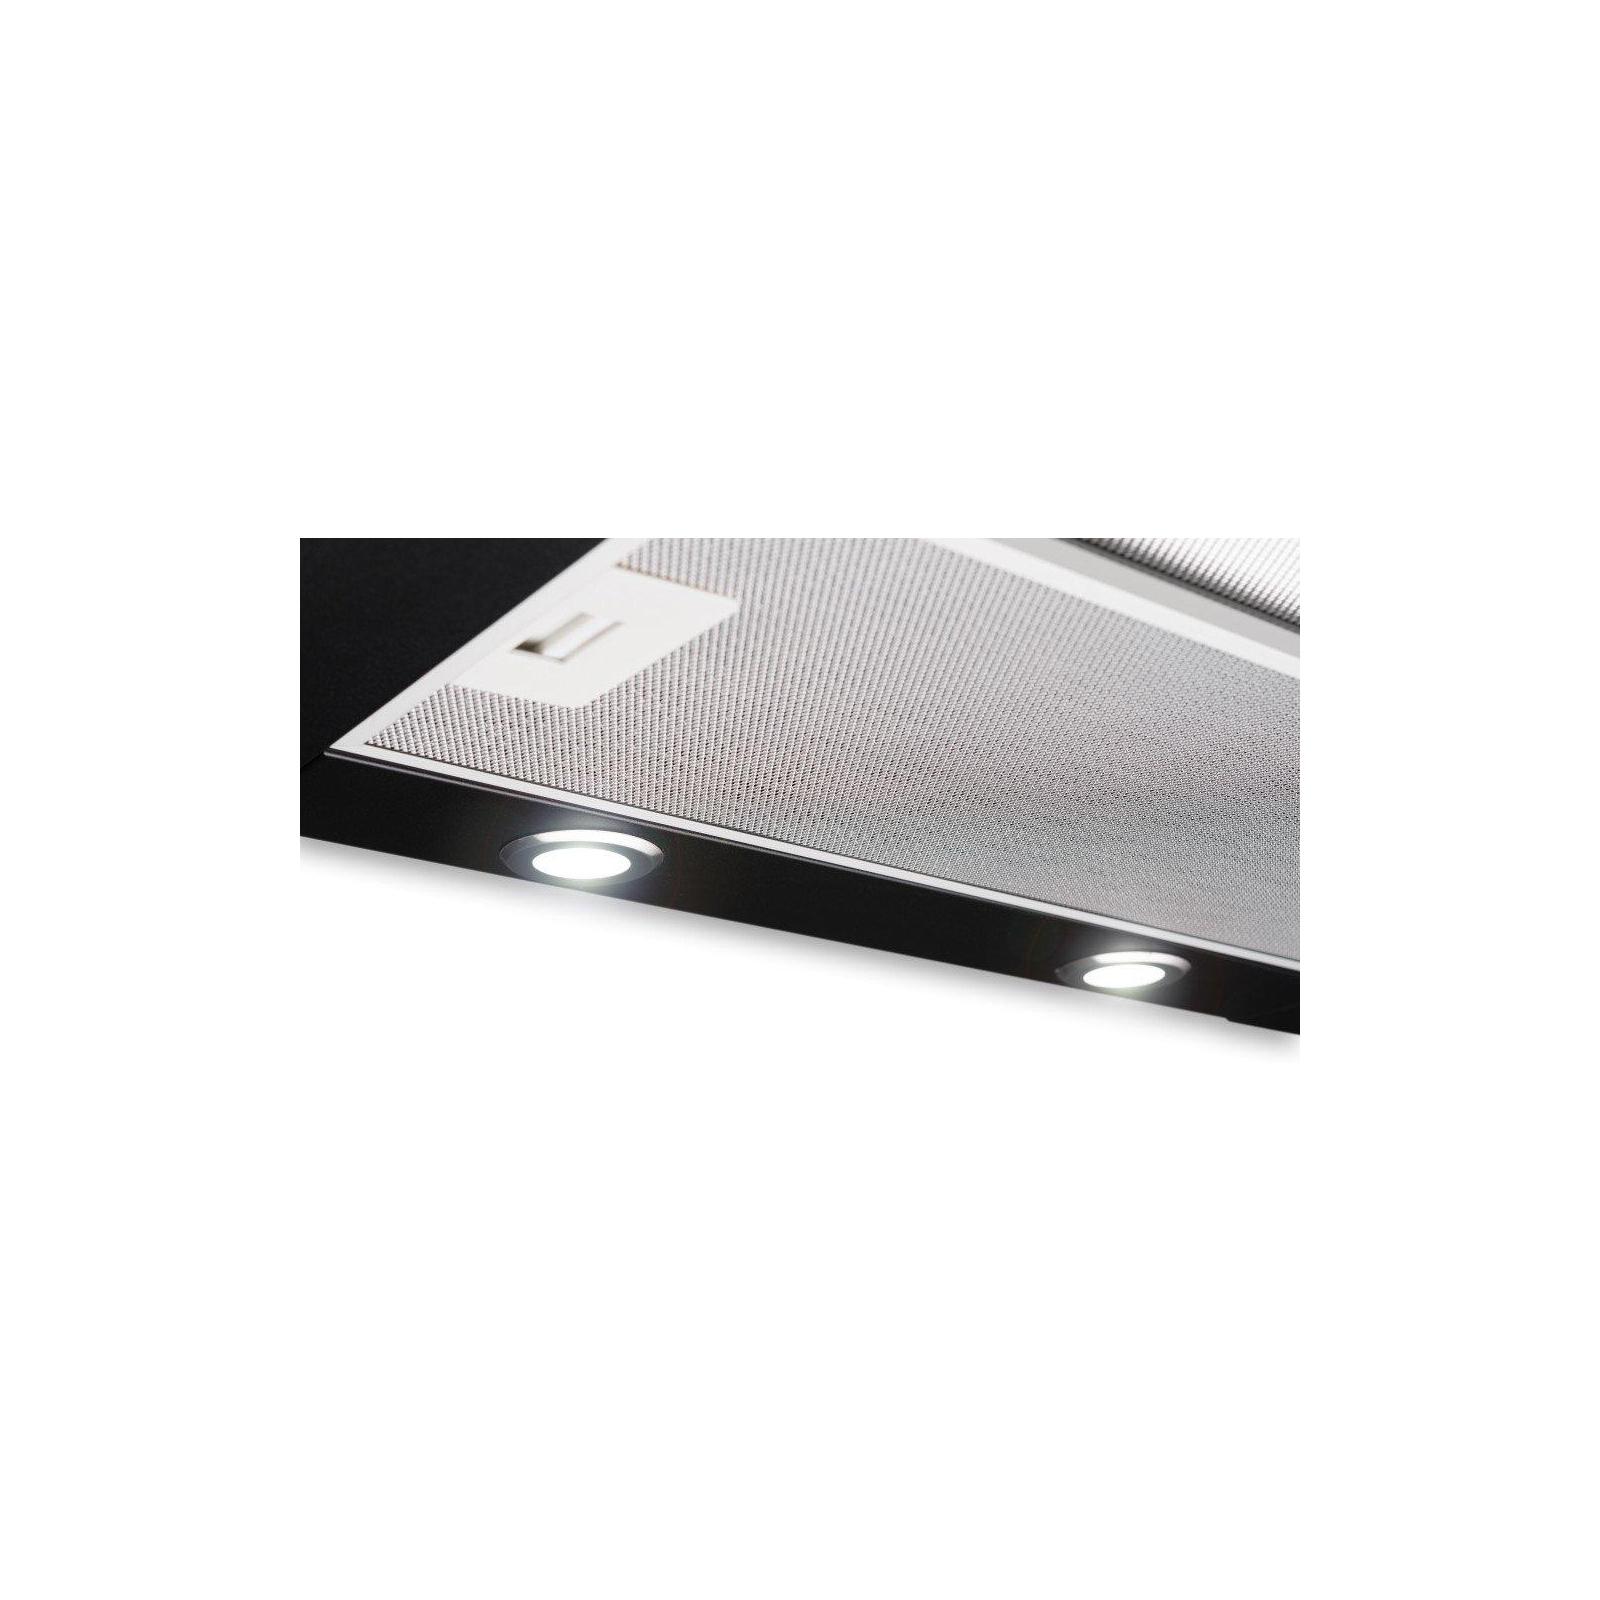 Вытяжка кухонная MINOLA HTL 6012 BL 450 LED изображение 8